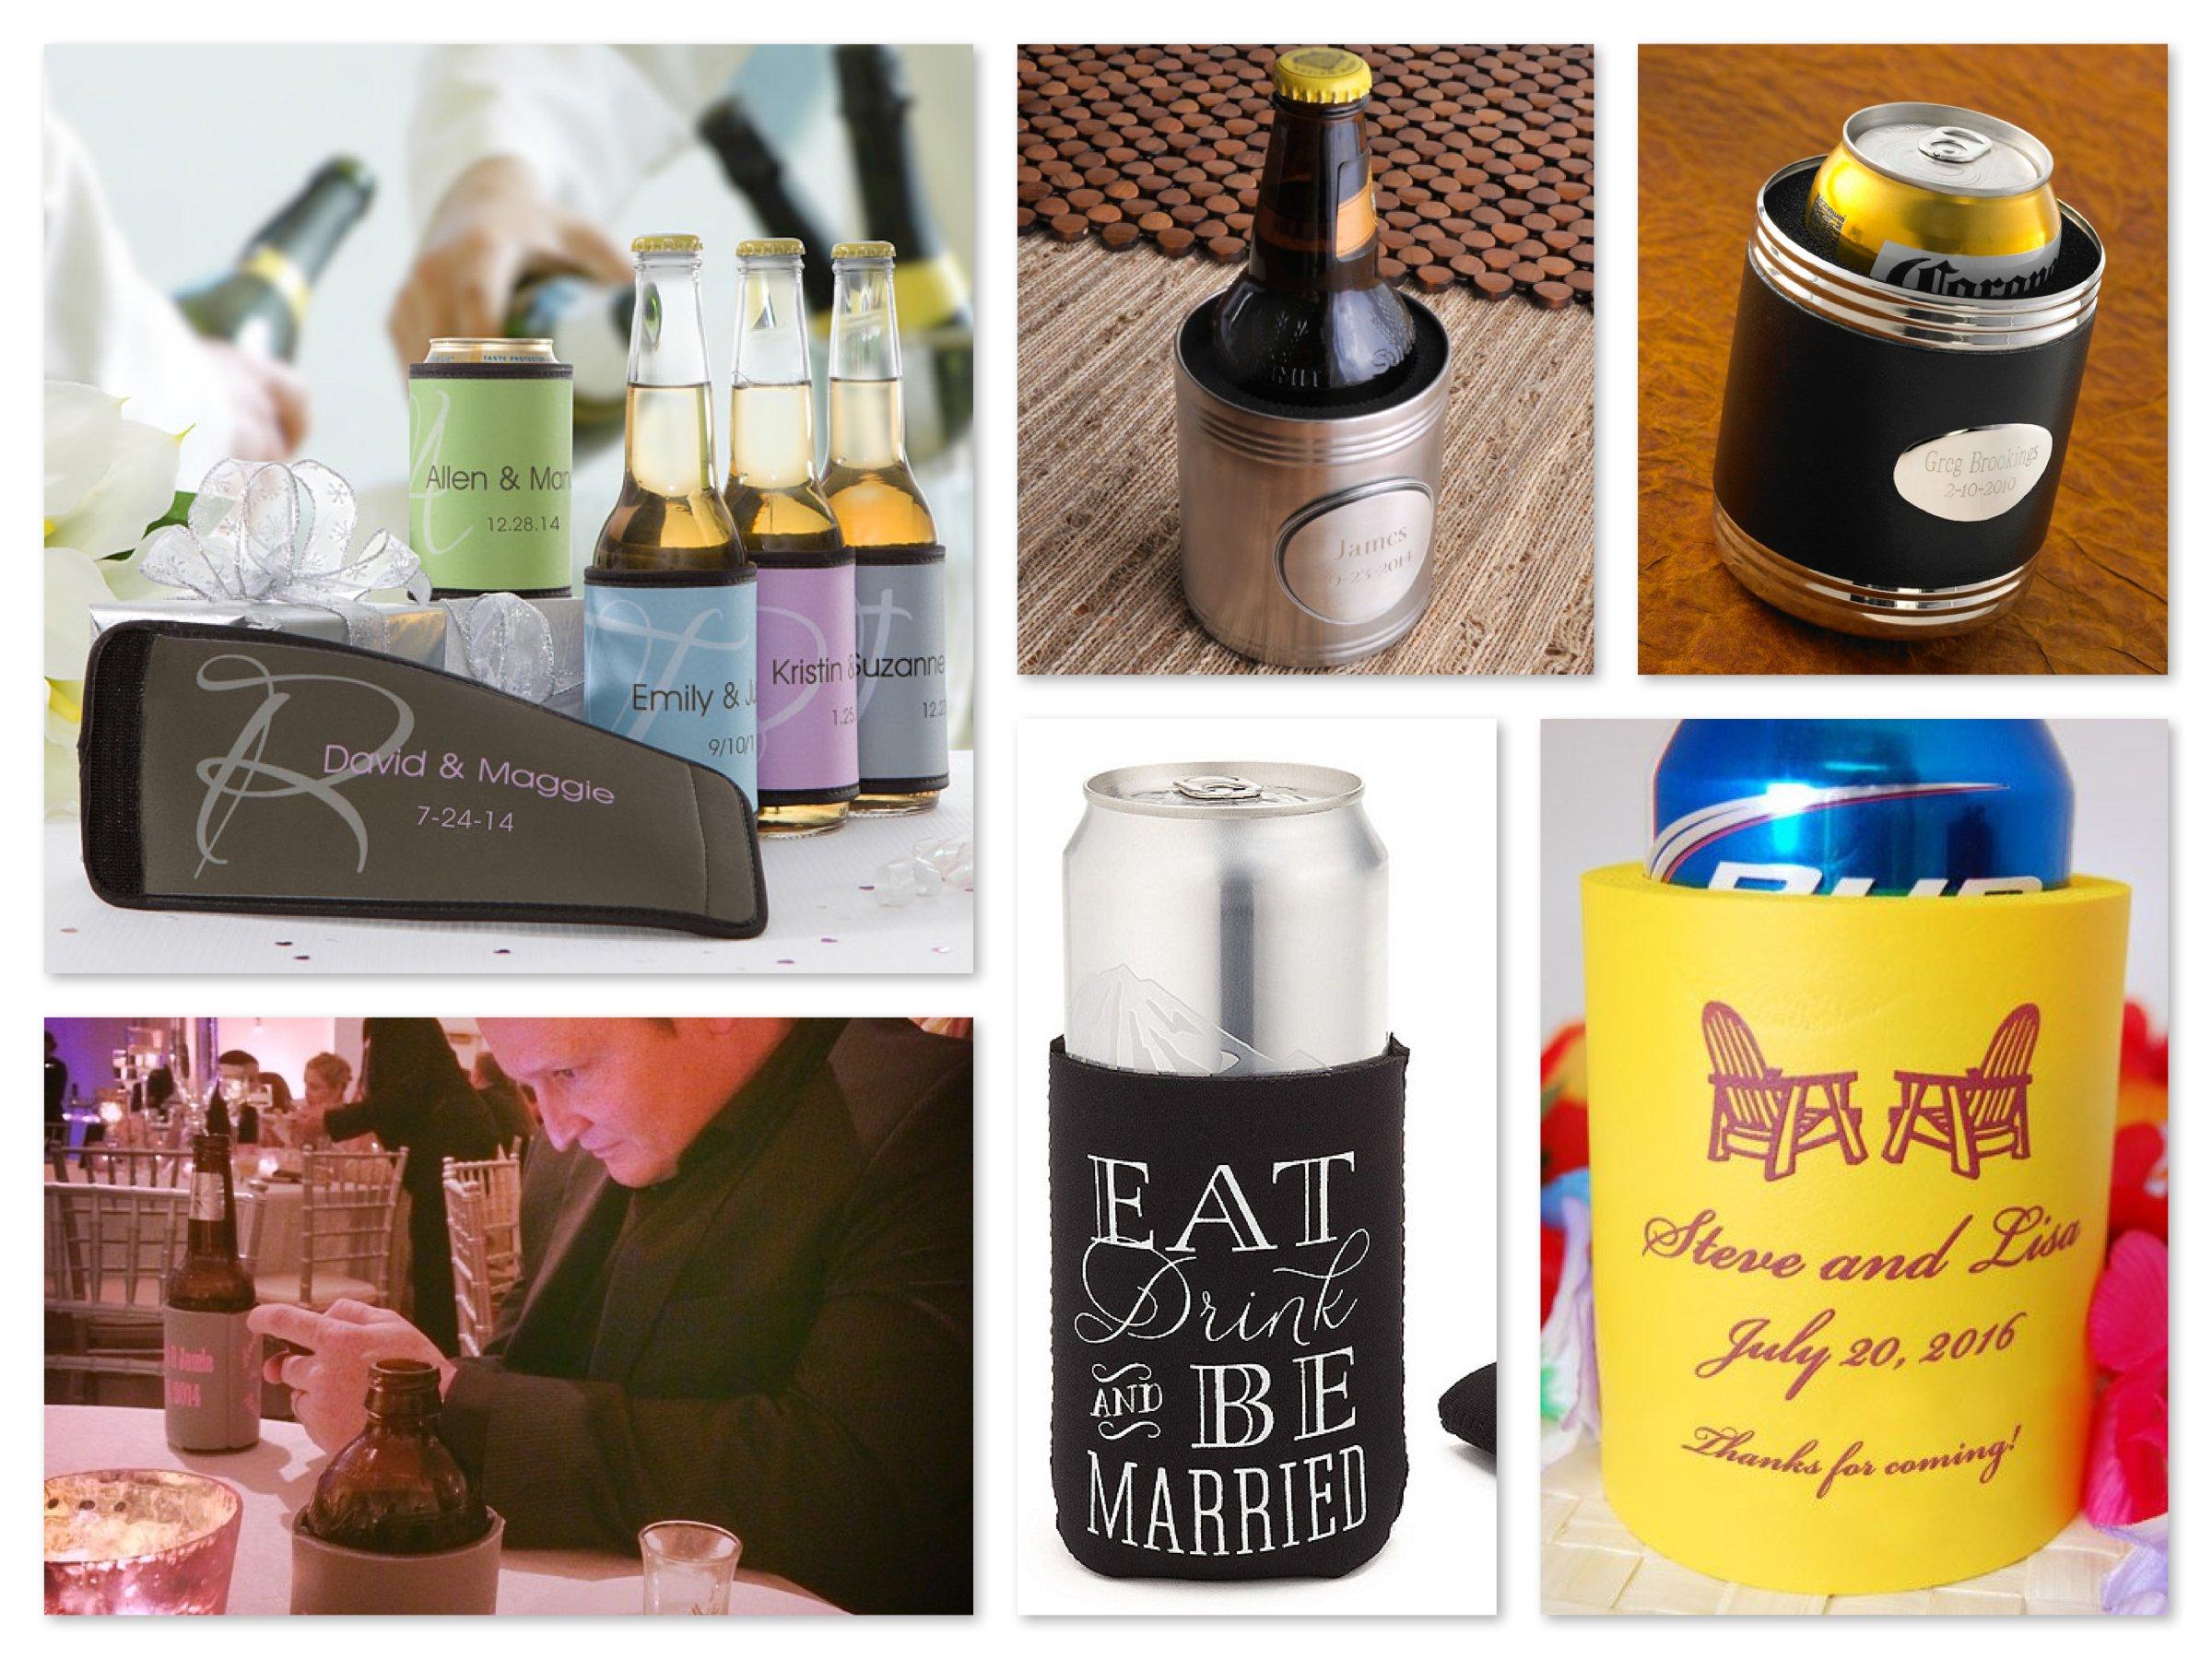 Jamie Lynn Spears Chooses Personalized Beer Koozies For Her Wedding Favors